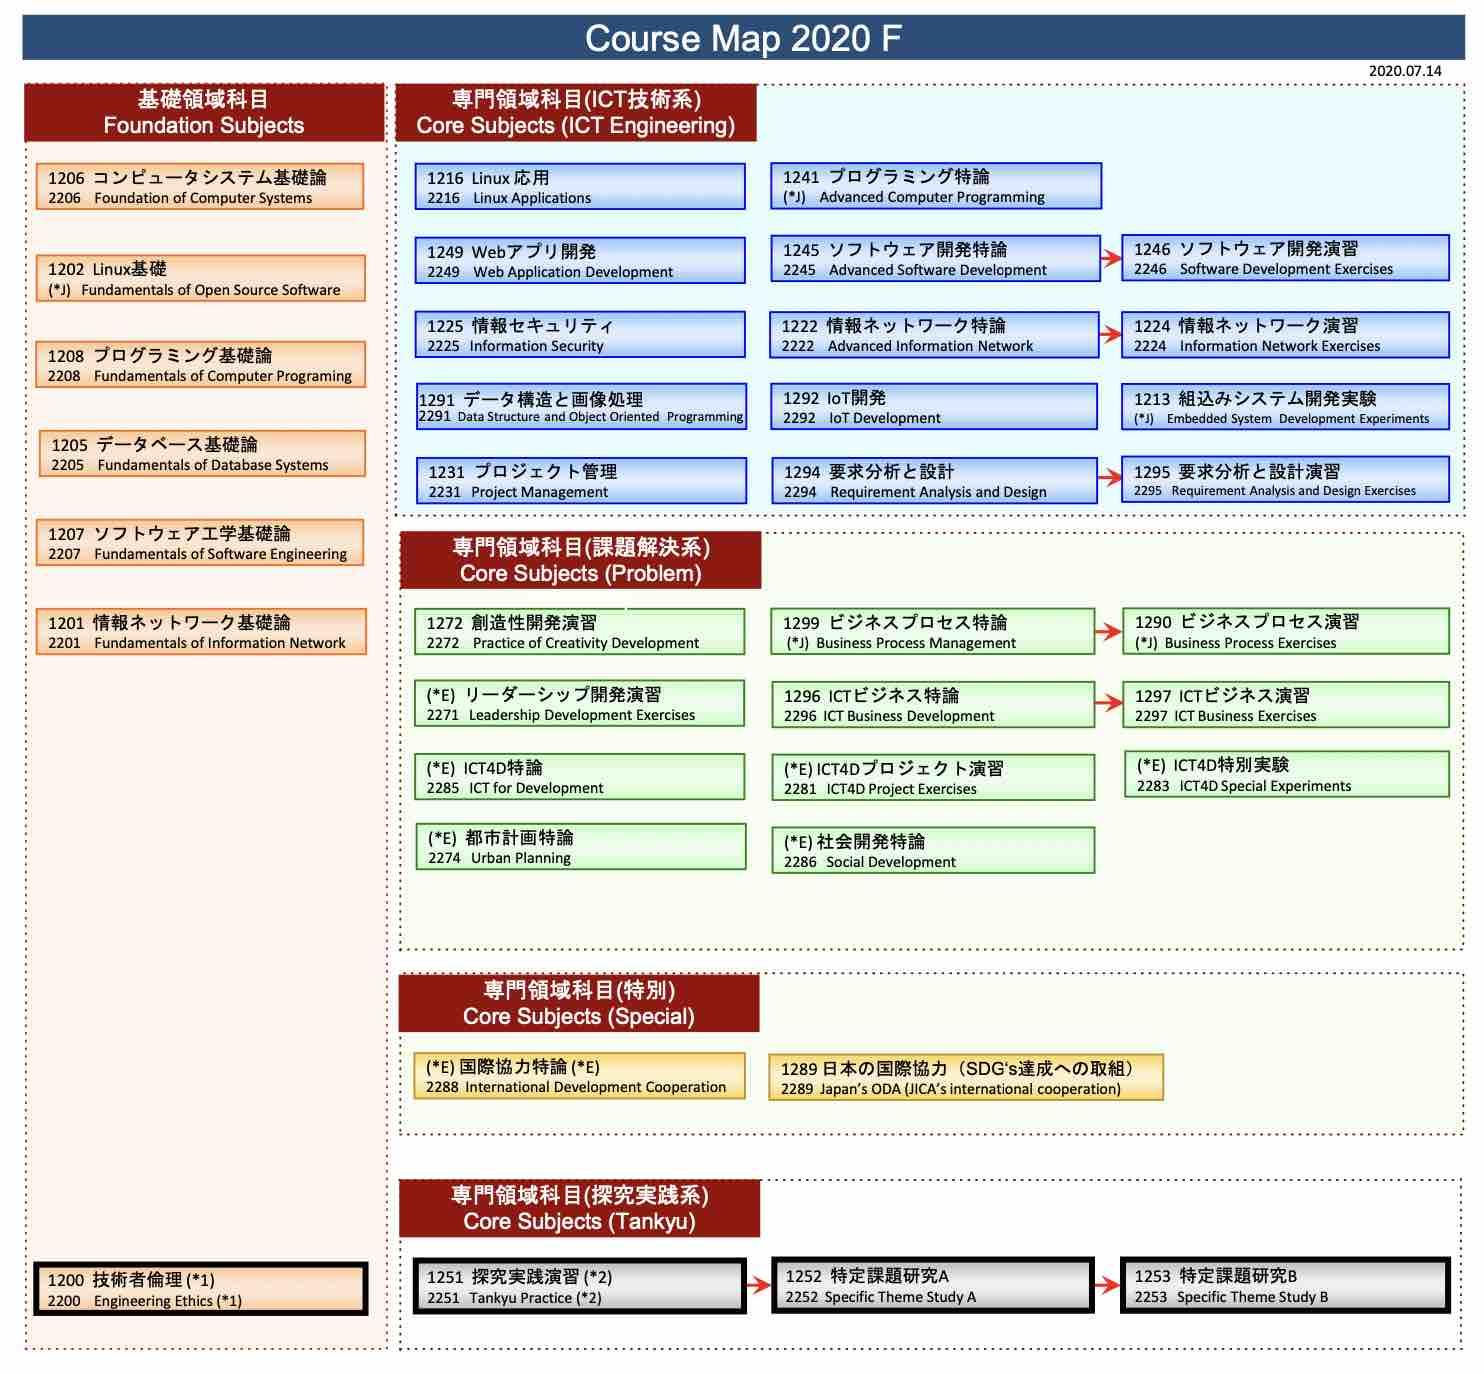 カリキュラムデザイン2020f